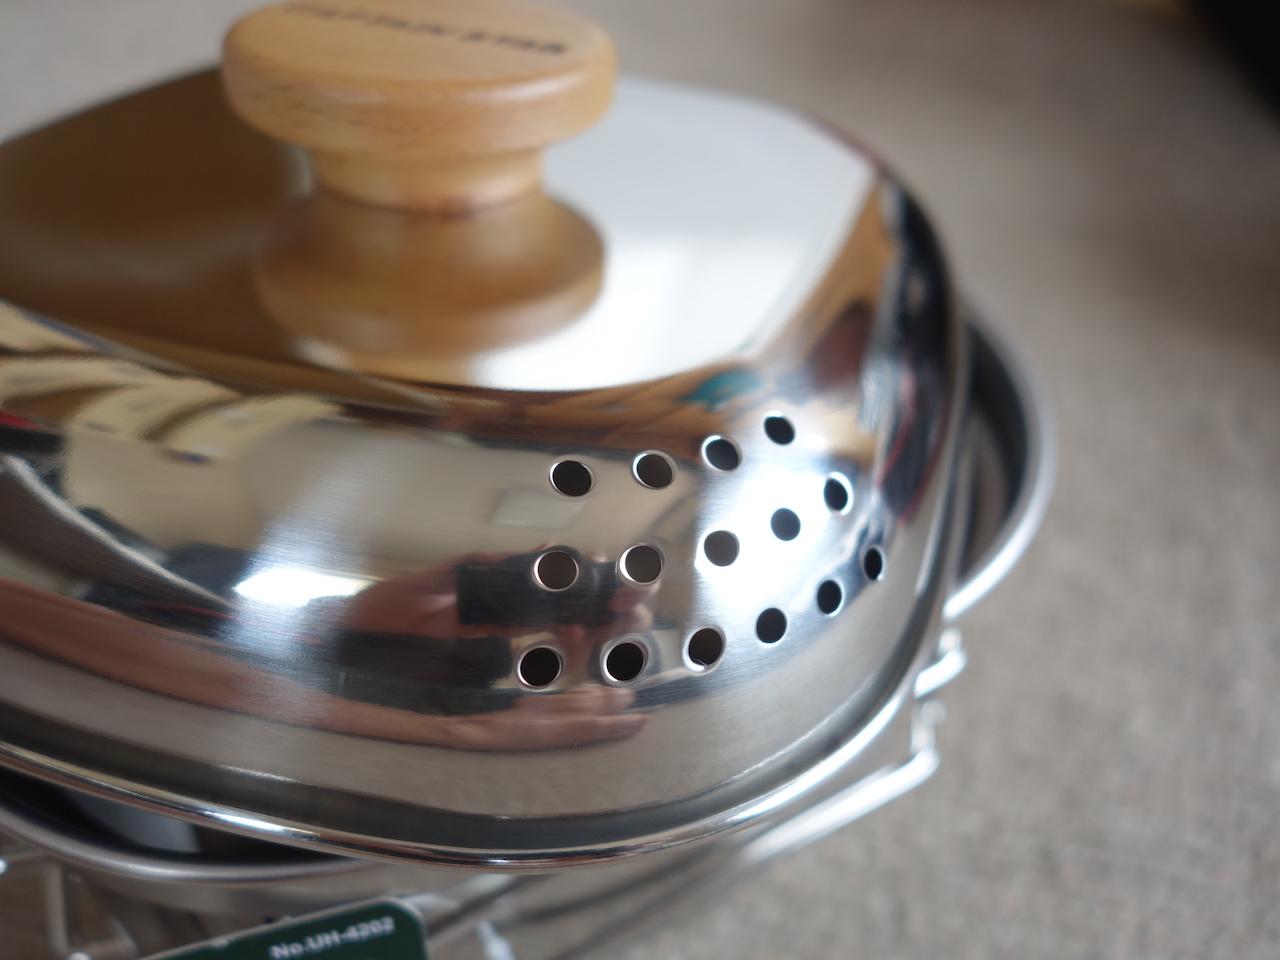 一人キャンプで使える鍋!ラーメンや湯沸かしに重宝しそう!これでコーヒーも作れるよ